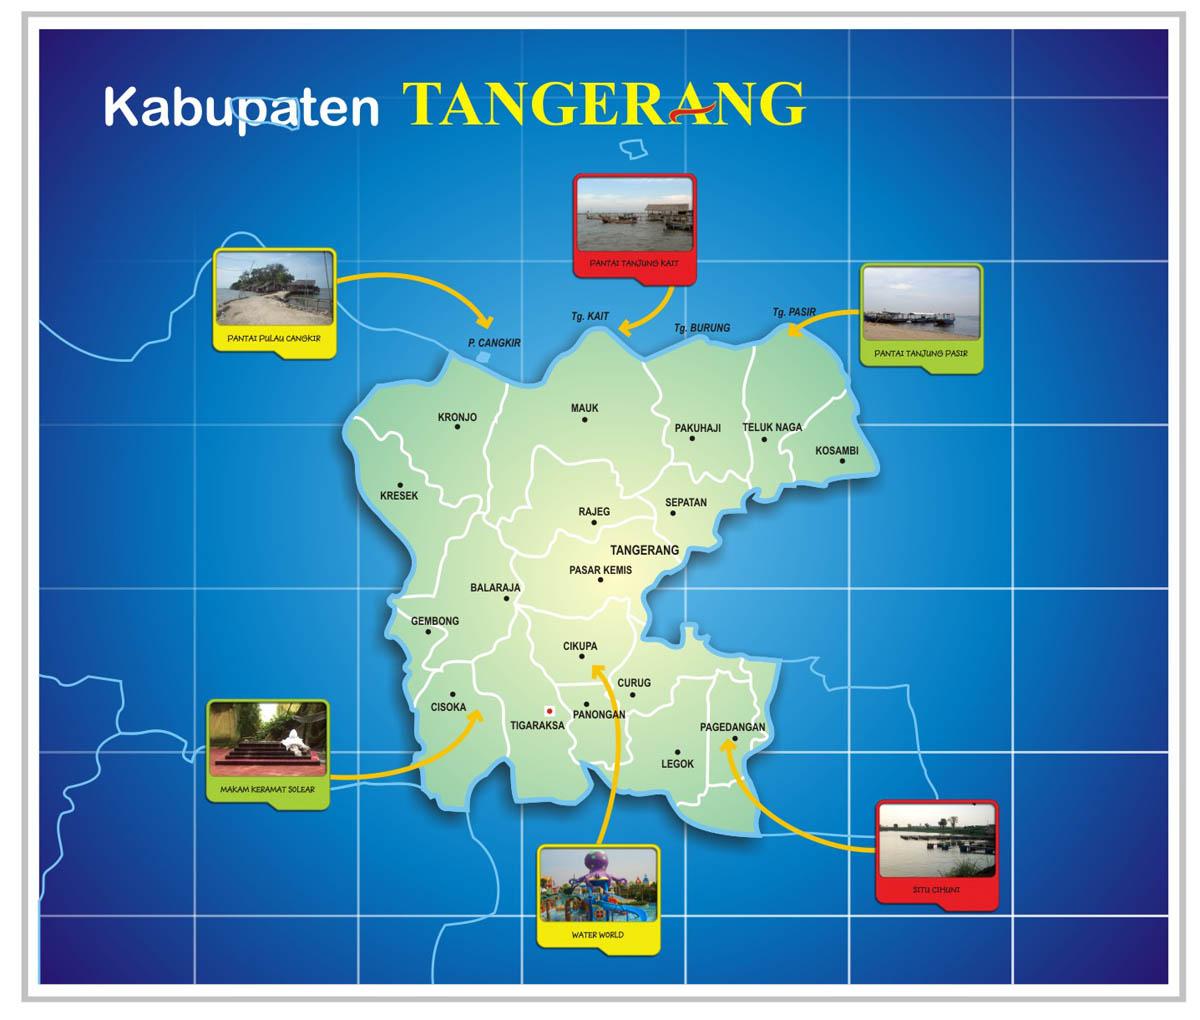 Berwisata Kabupaten Tangerang Wisata Jakarta Pulau Cangkir Kab